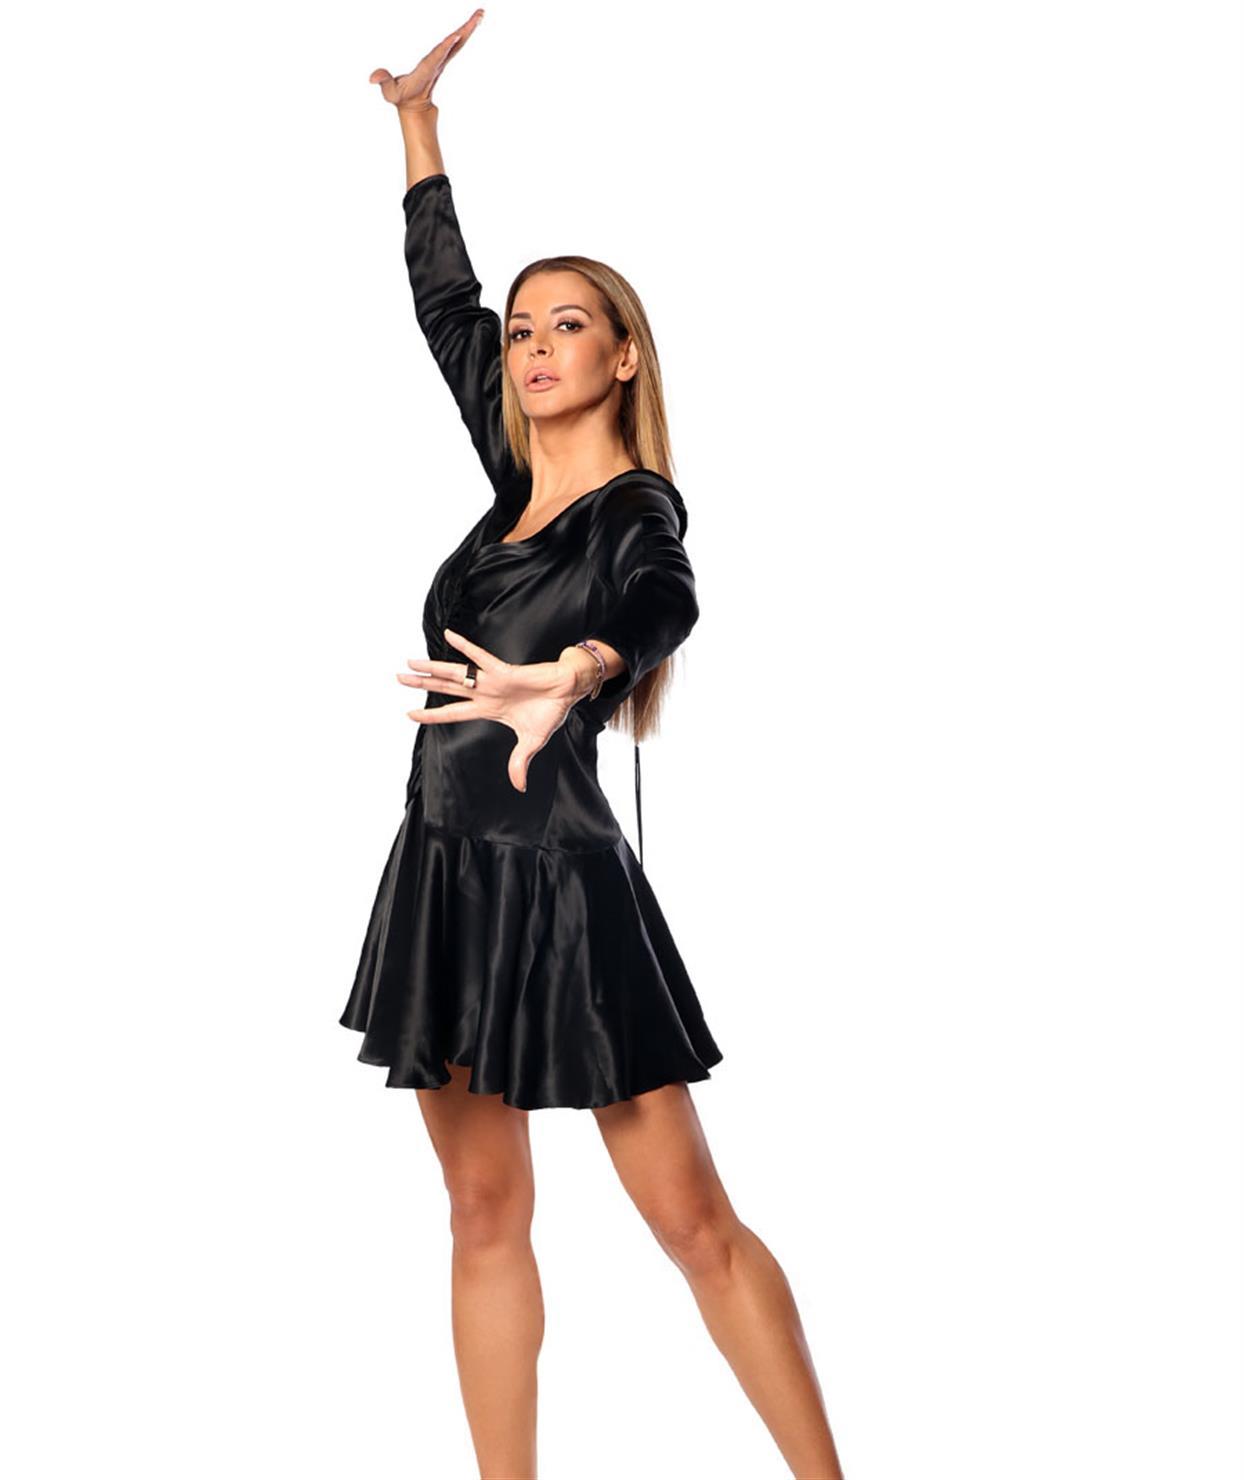 ΜΑΡΙΑ ΚΑΛΑΒΡΙΑ - DANCING WITH THE STARS 6